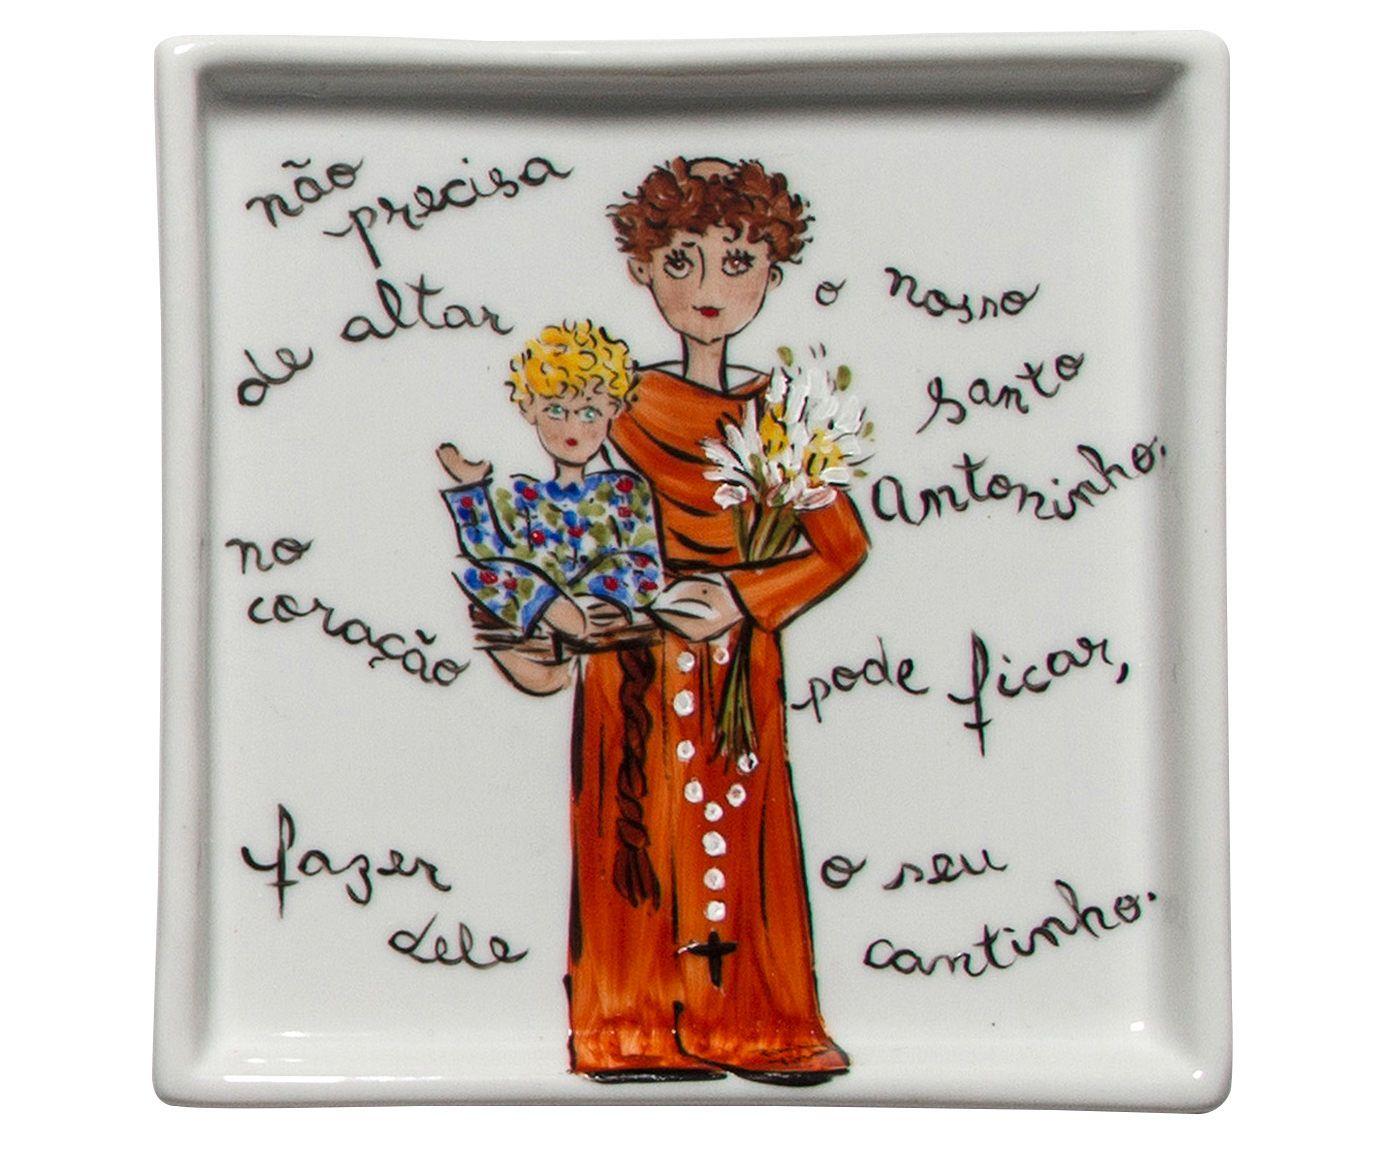 Prato santo antônio santeiro - patricia virmond | Westwing.com.br